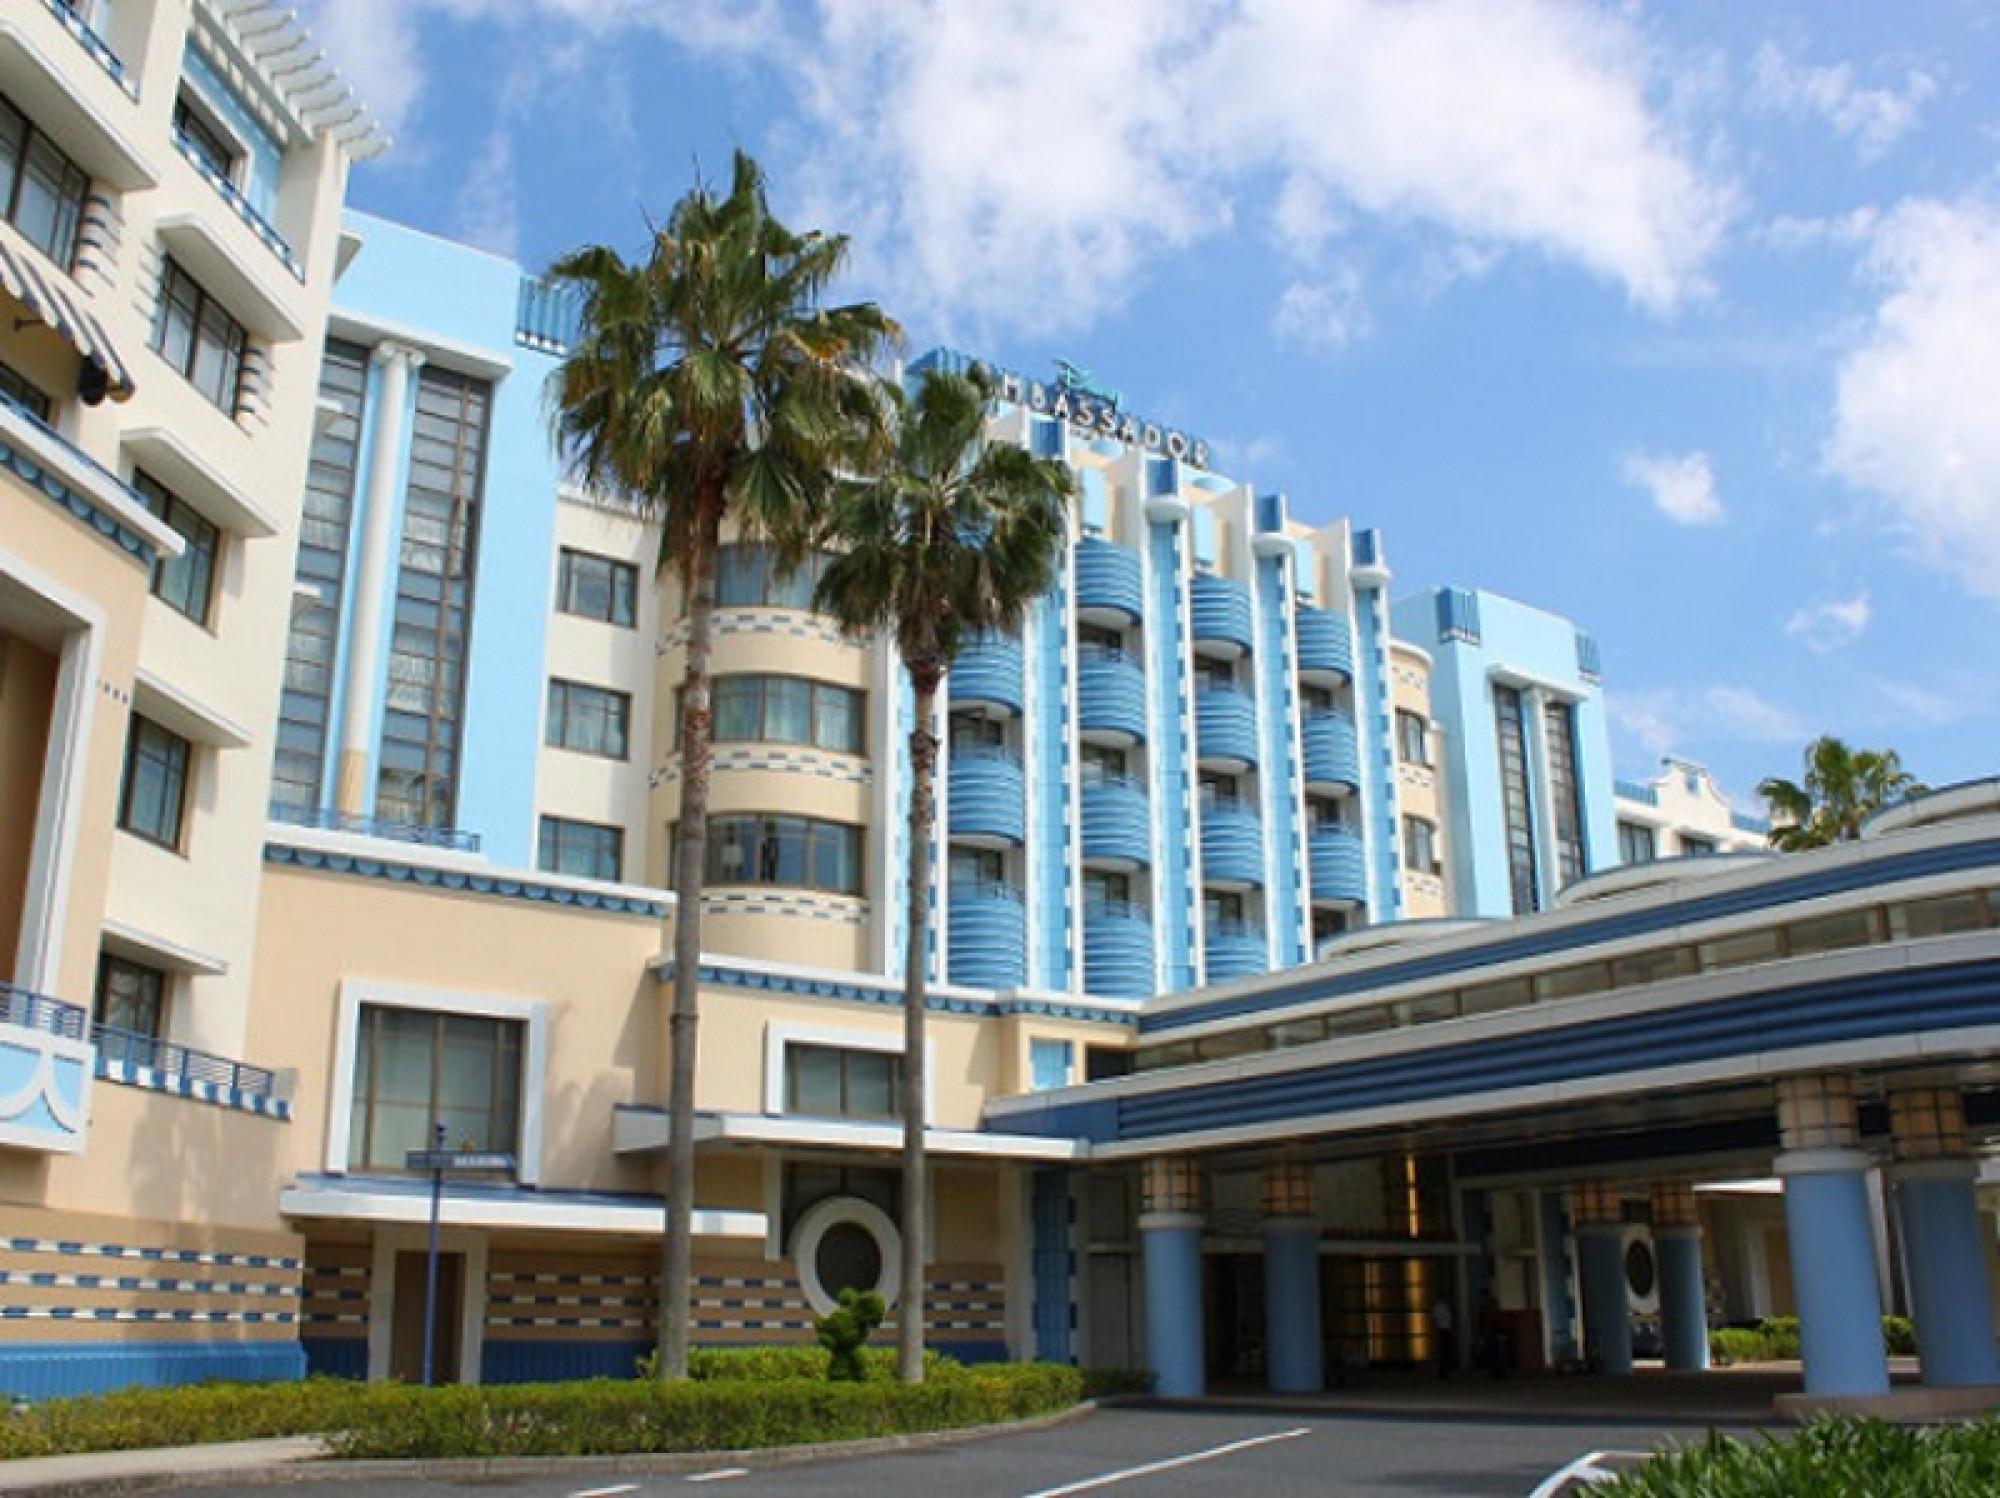 ディズニーホテル「ディズニーアンバサダーホテル」